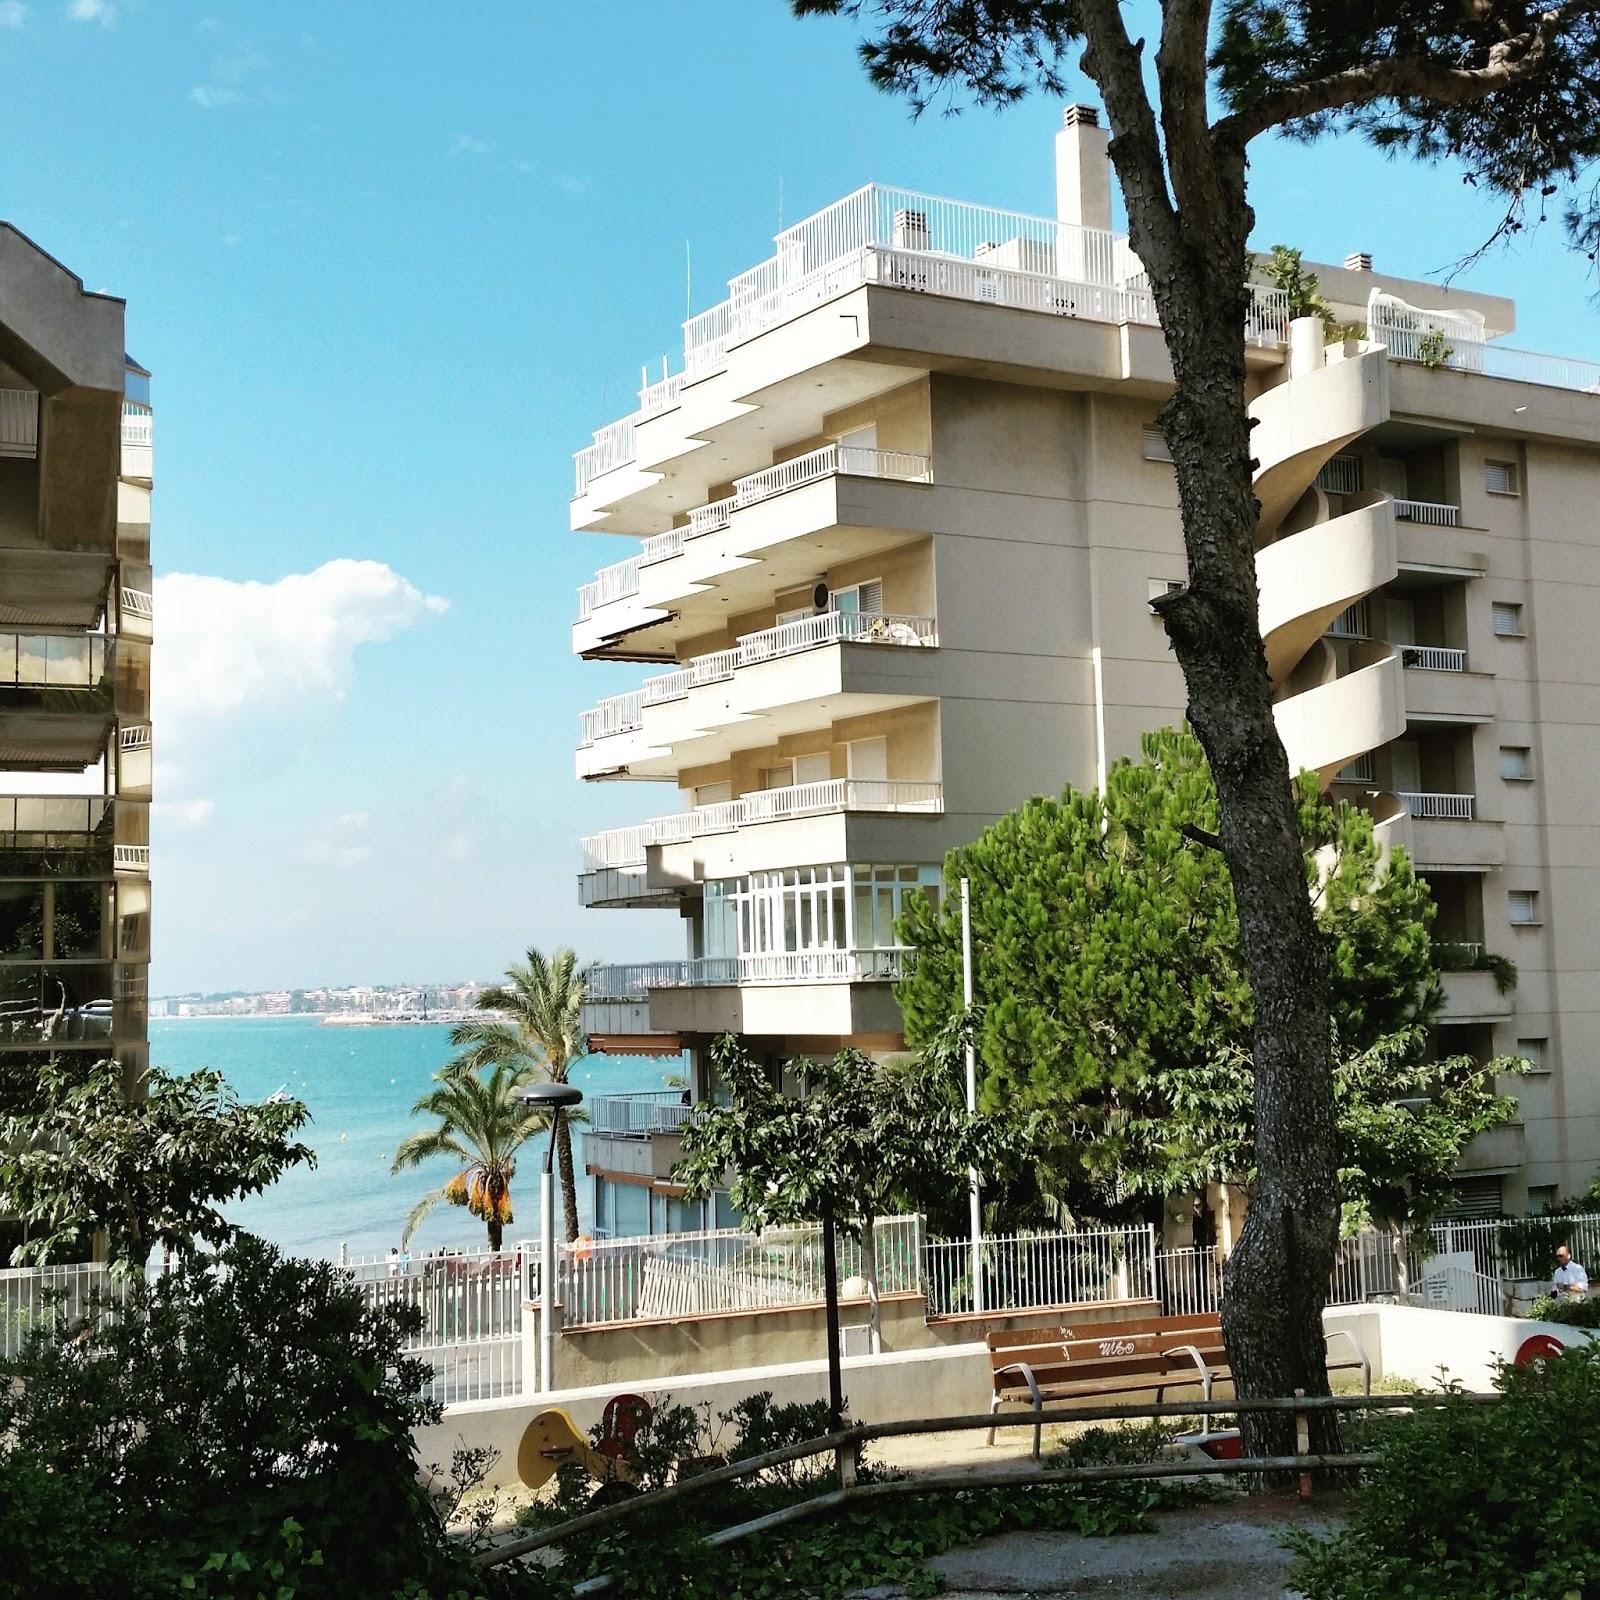 zakup nieruchomosci w hiszpanii